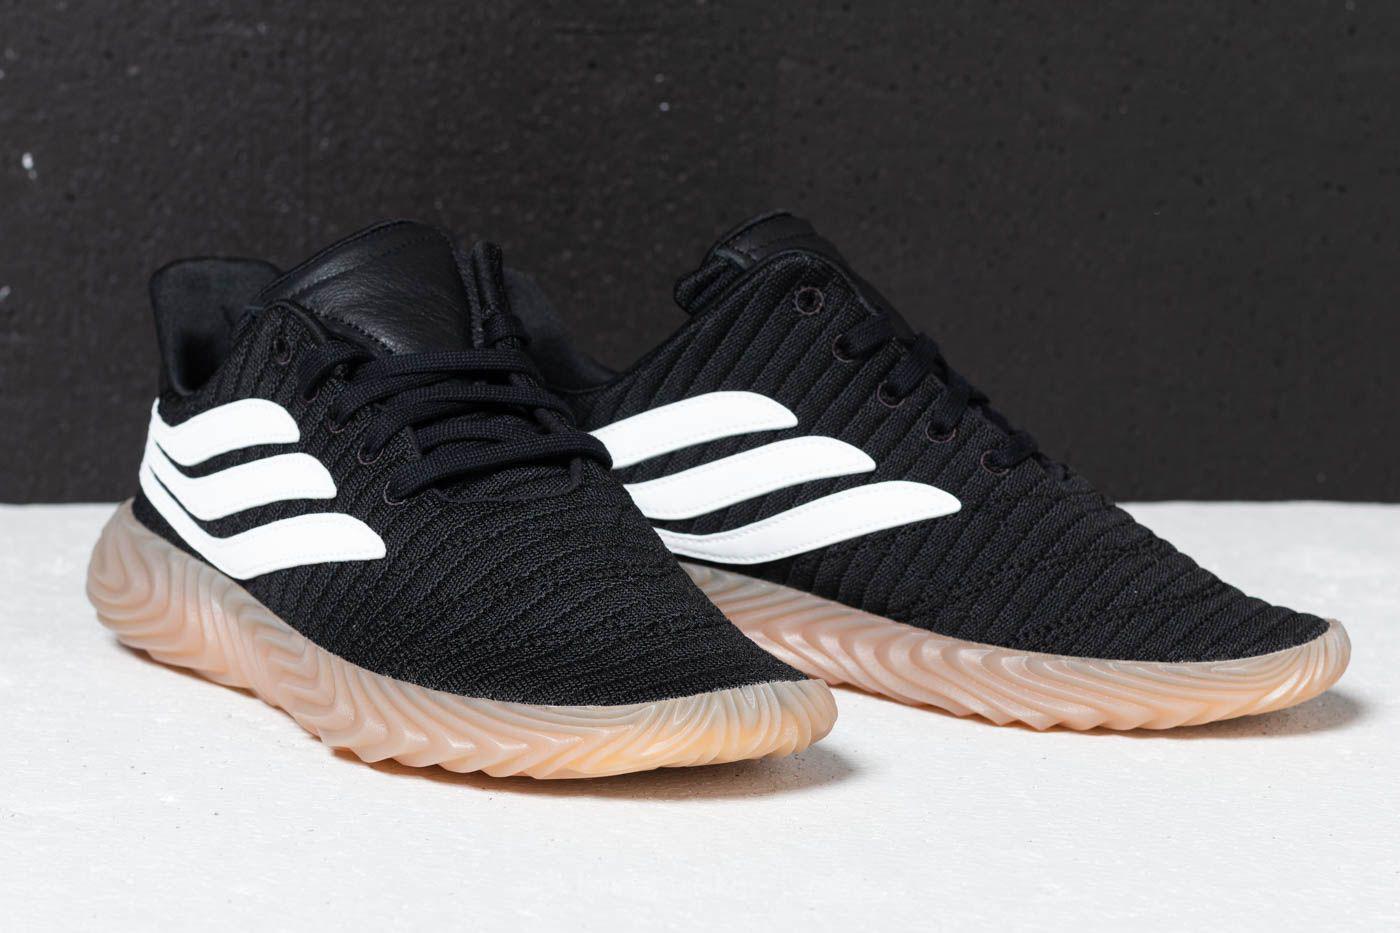 Lyst - adidas Originals Adidas Sobakov Core Black  Ftw White  Gum 3 ... e0b4459b3